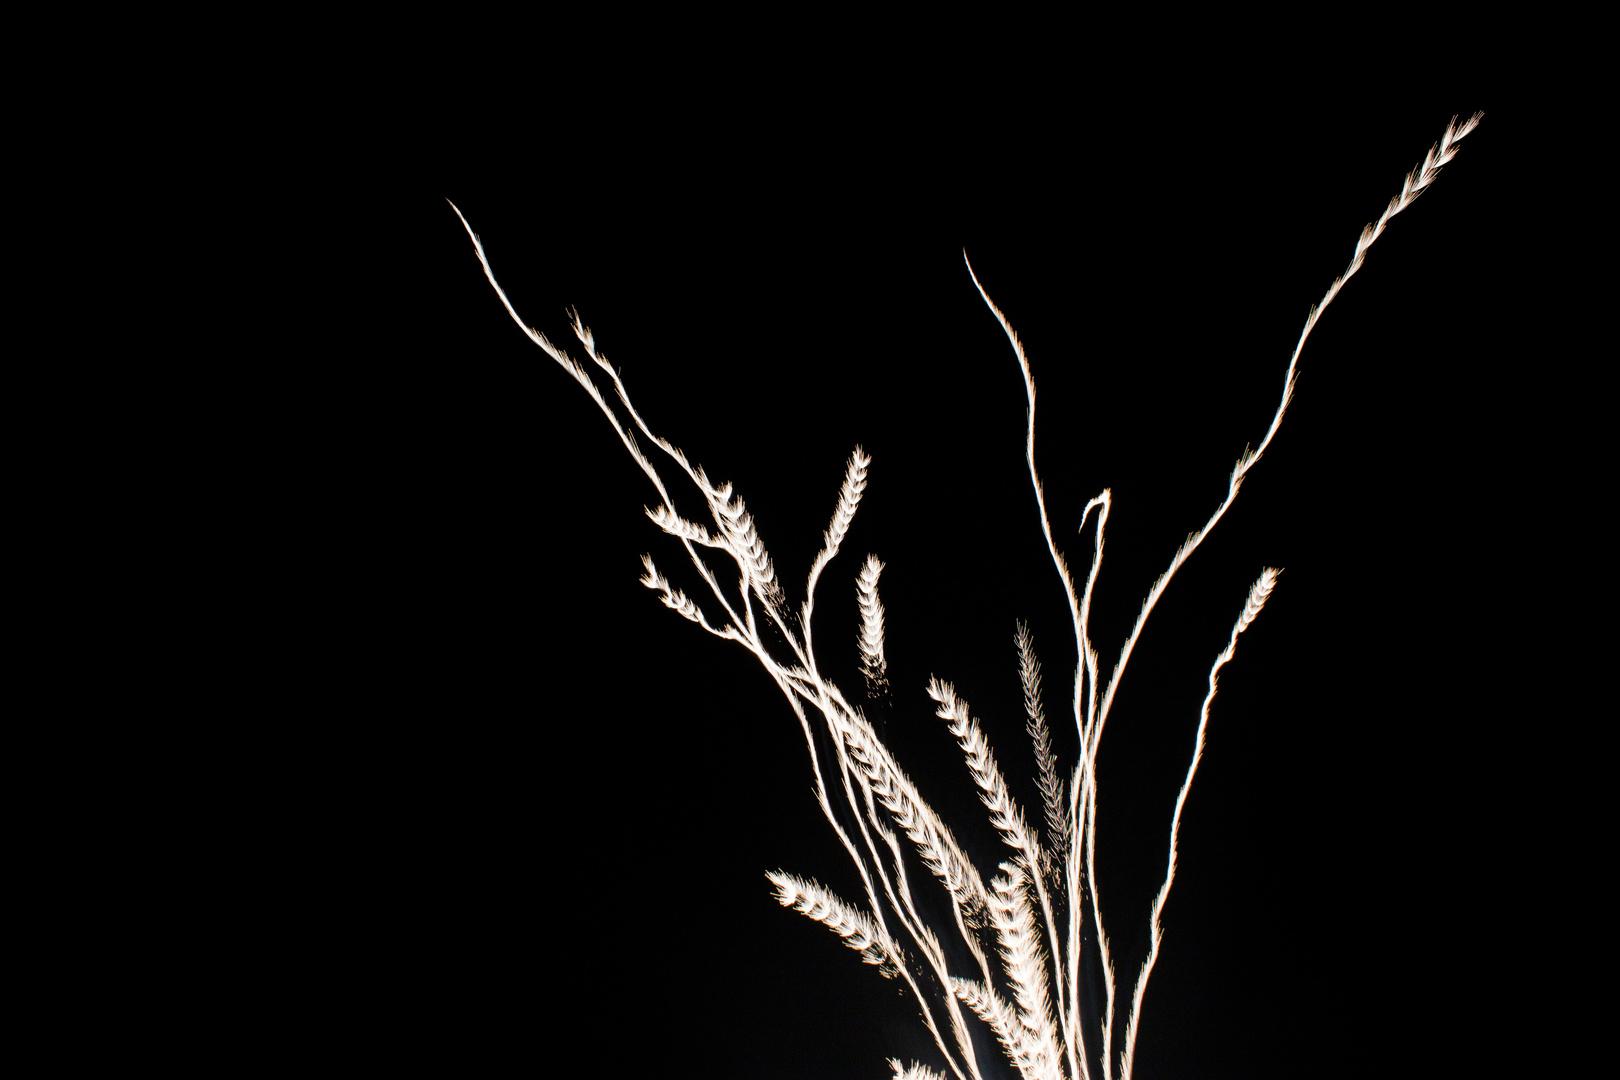 Feuerwerk in Getreide Form